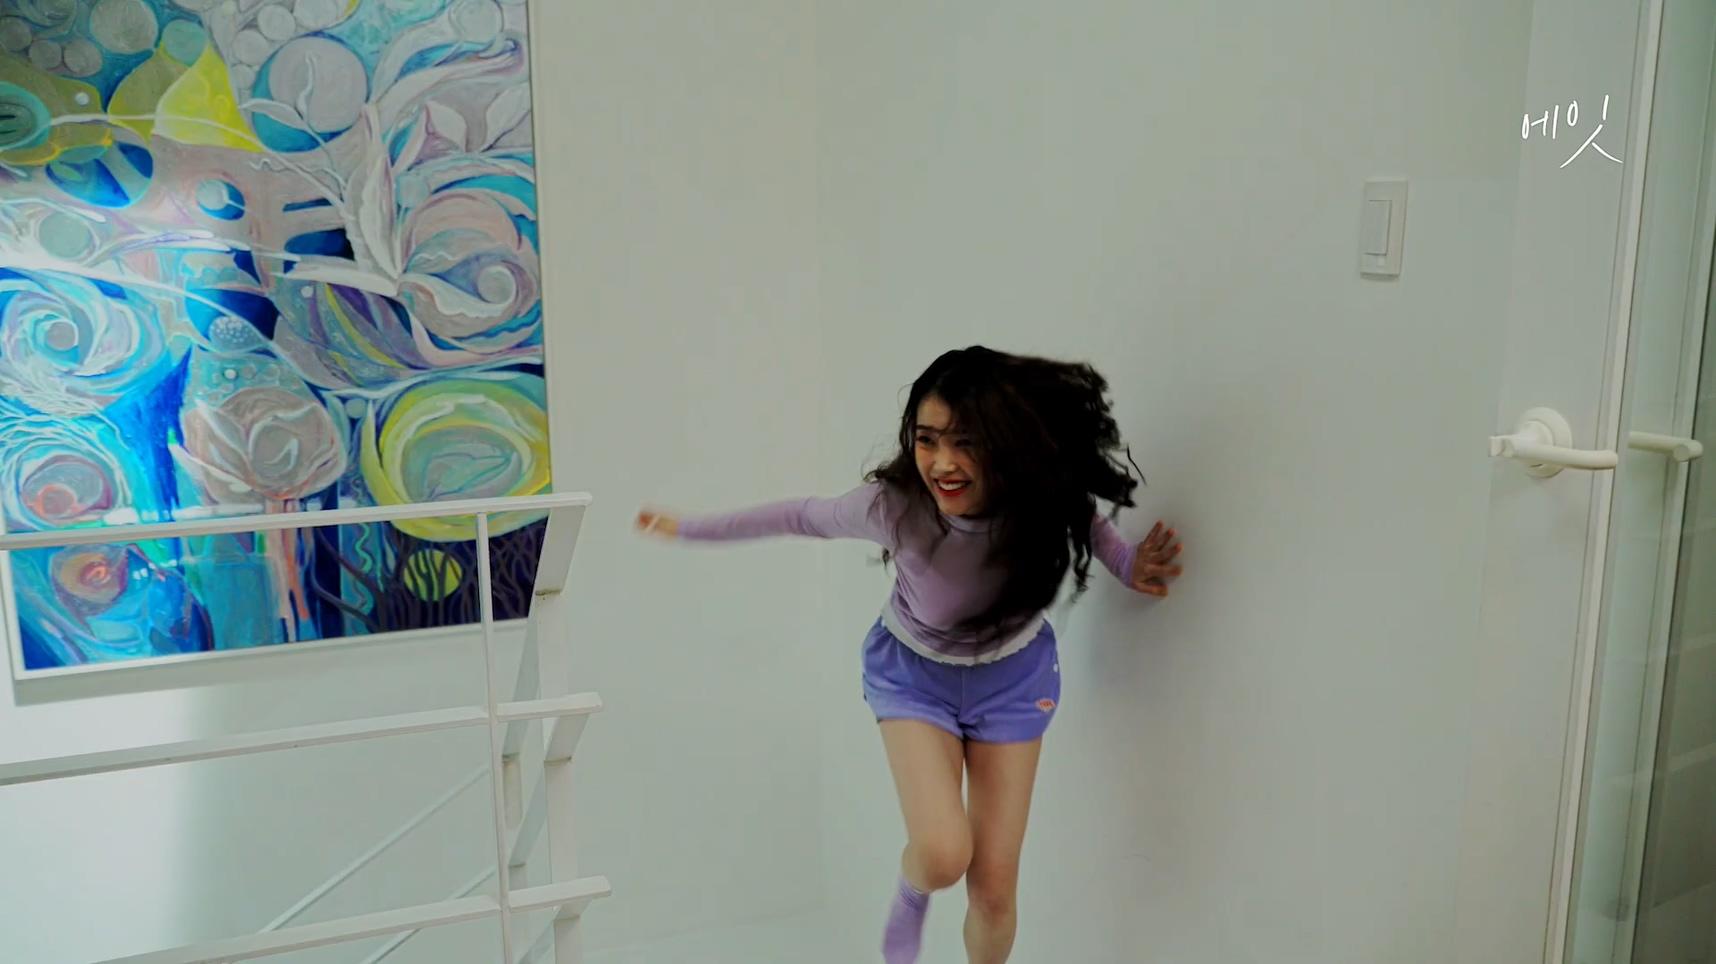 아이유(IU)  [BEHIND] '에잇(Prod.&Feat. SUGA of BTS)' M V Behind Film.mp4_20200507_171644.598.jpg